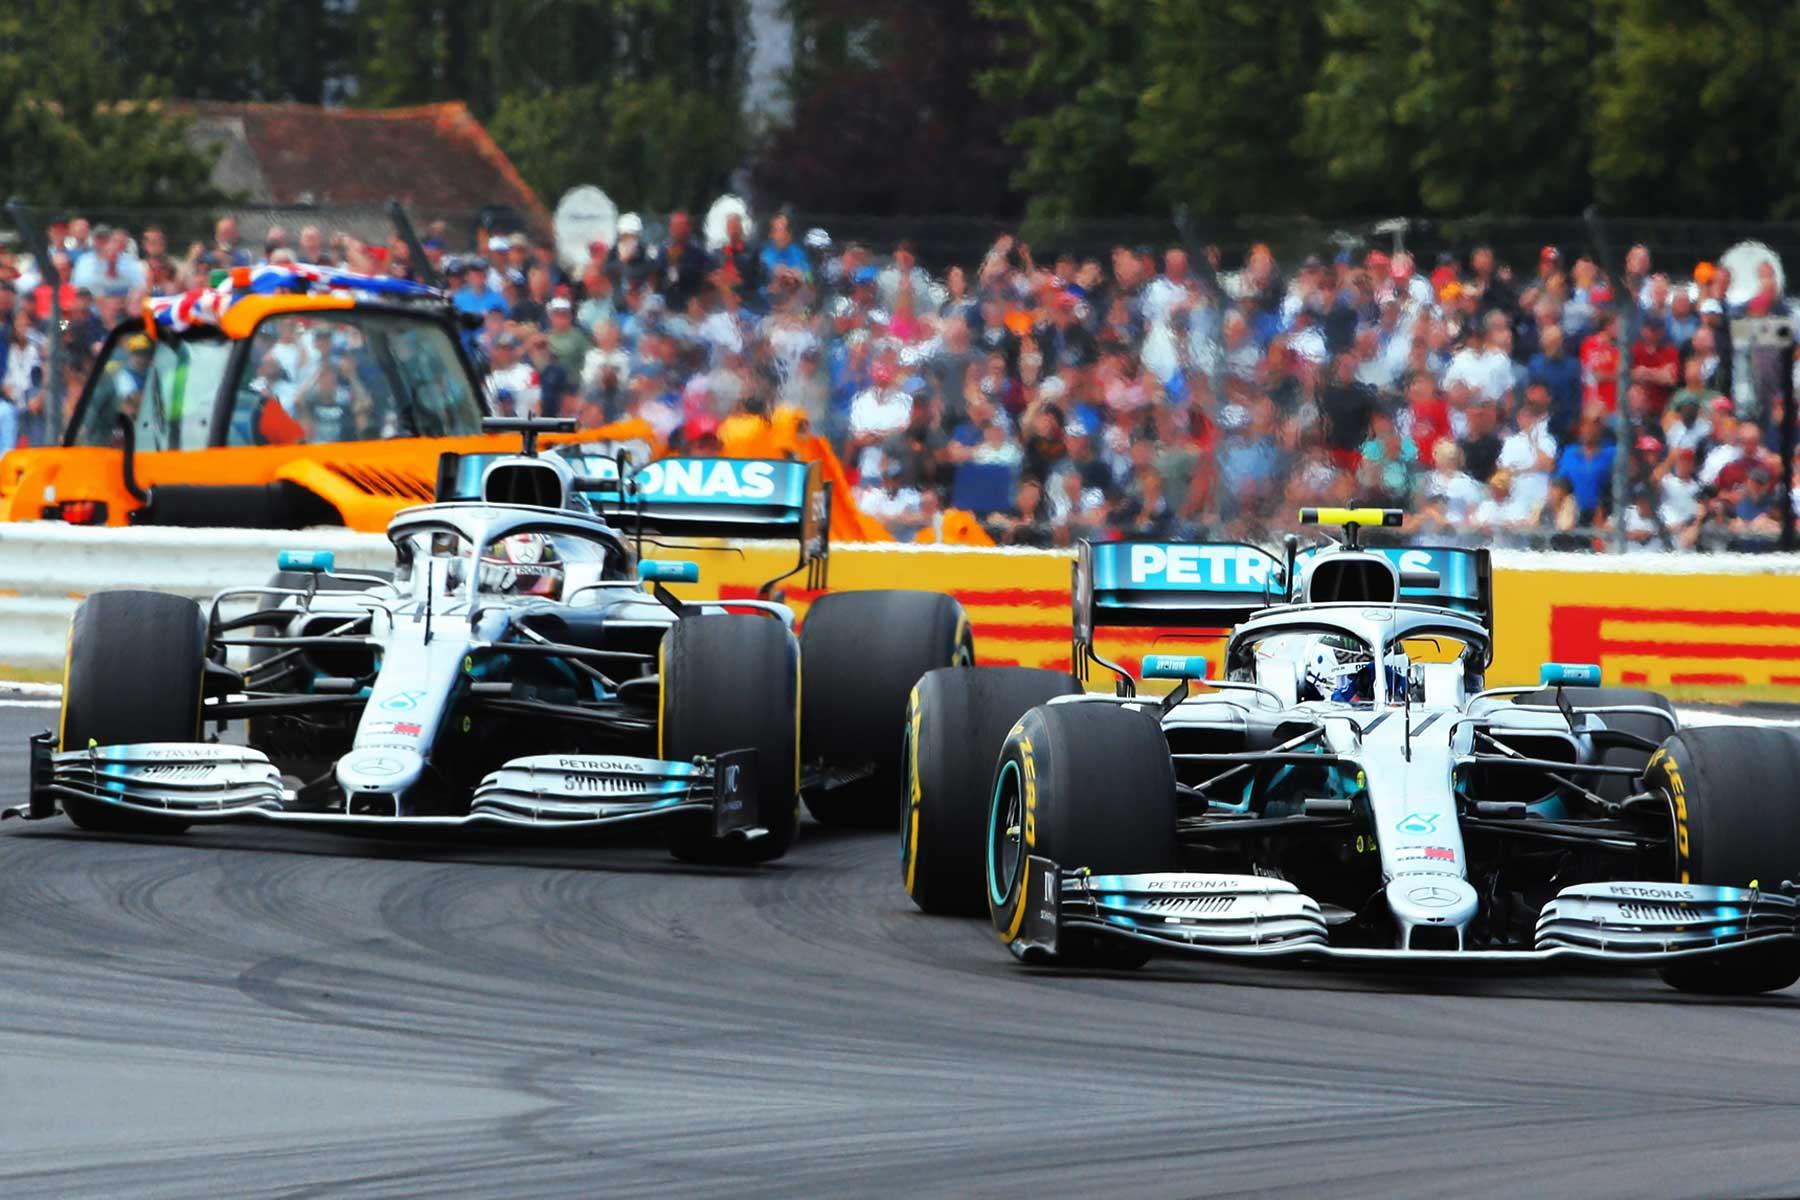 Englands Grand Prix